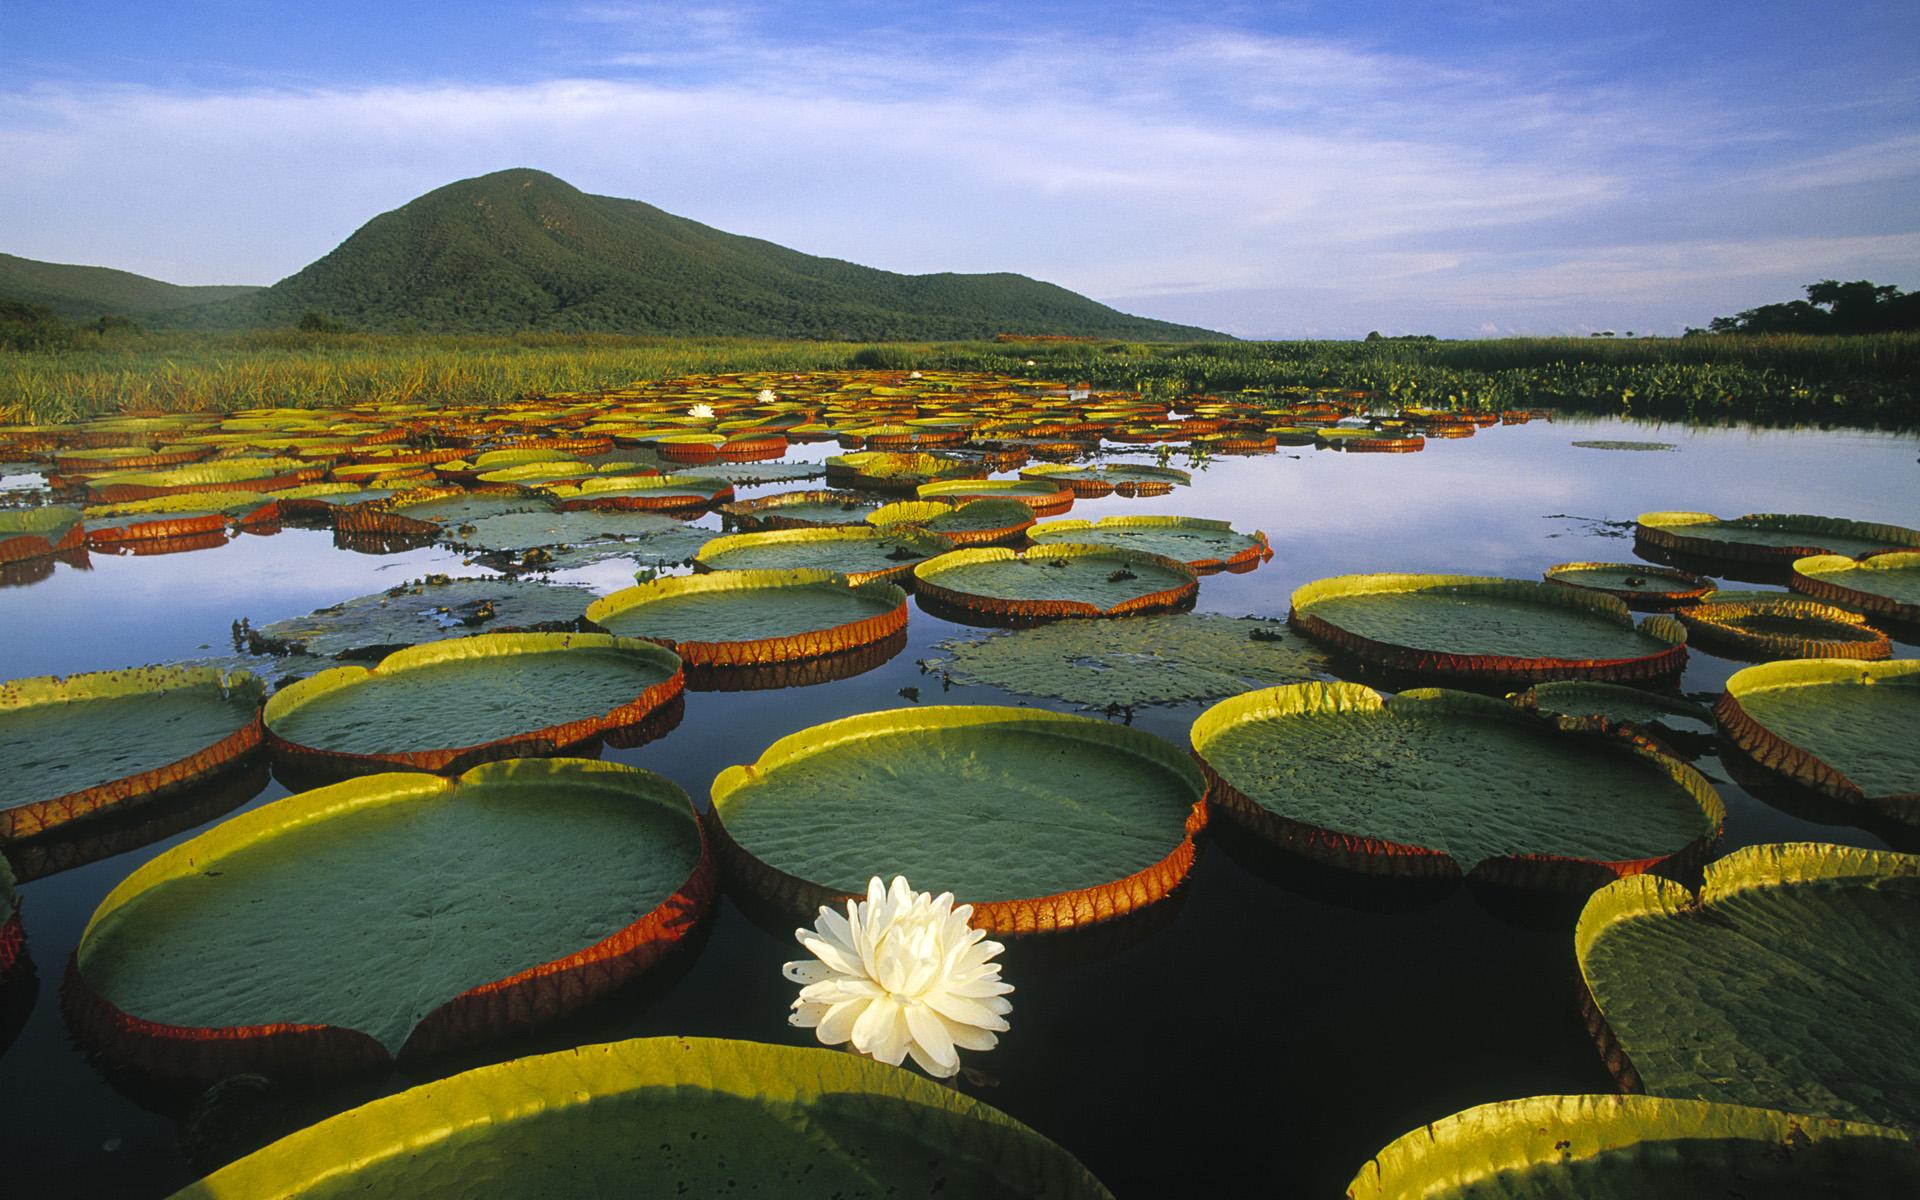 Nature - Photo gallery | MIRIADNA.COM